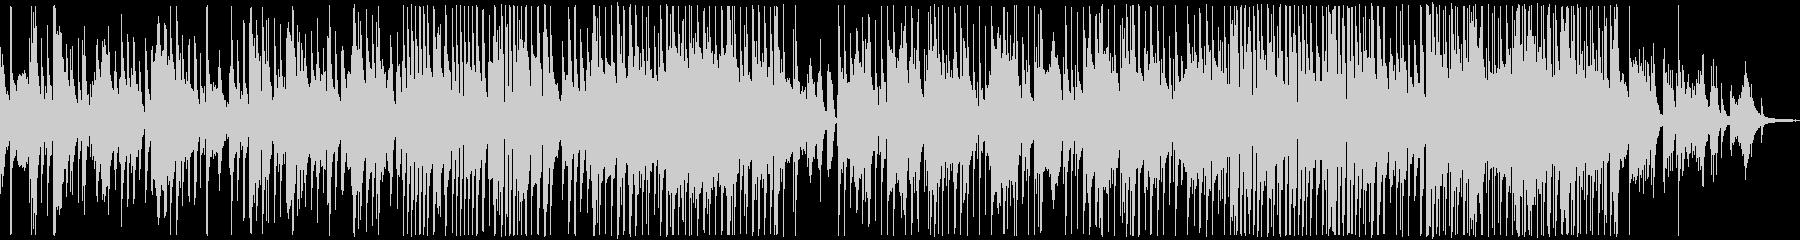 ブルージーなジャズバラードの未再生の波形